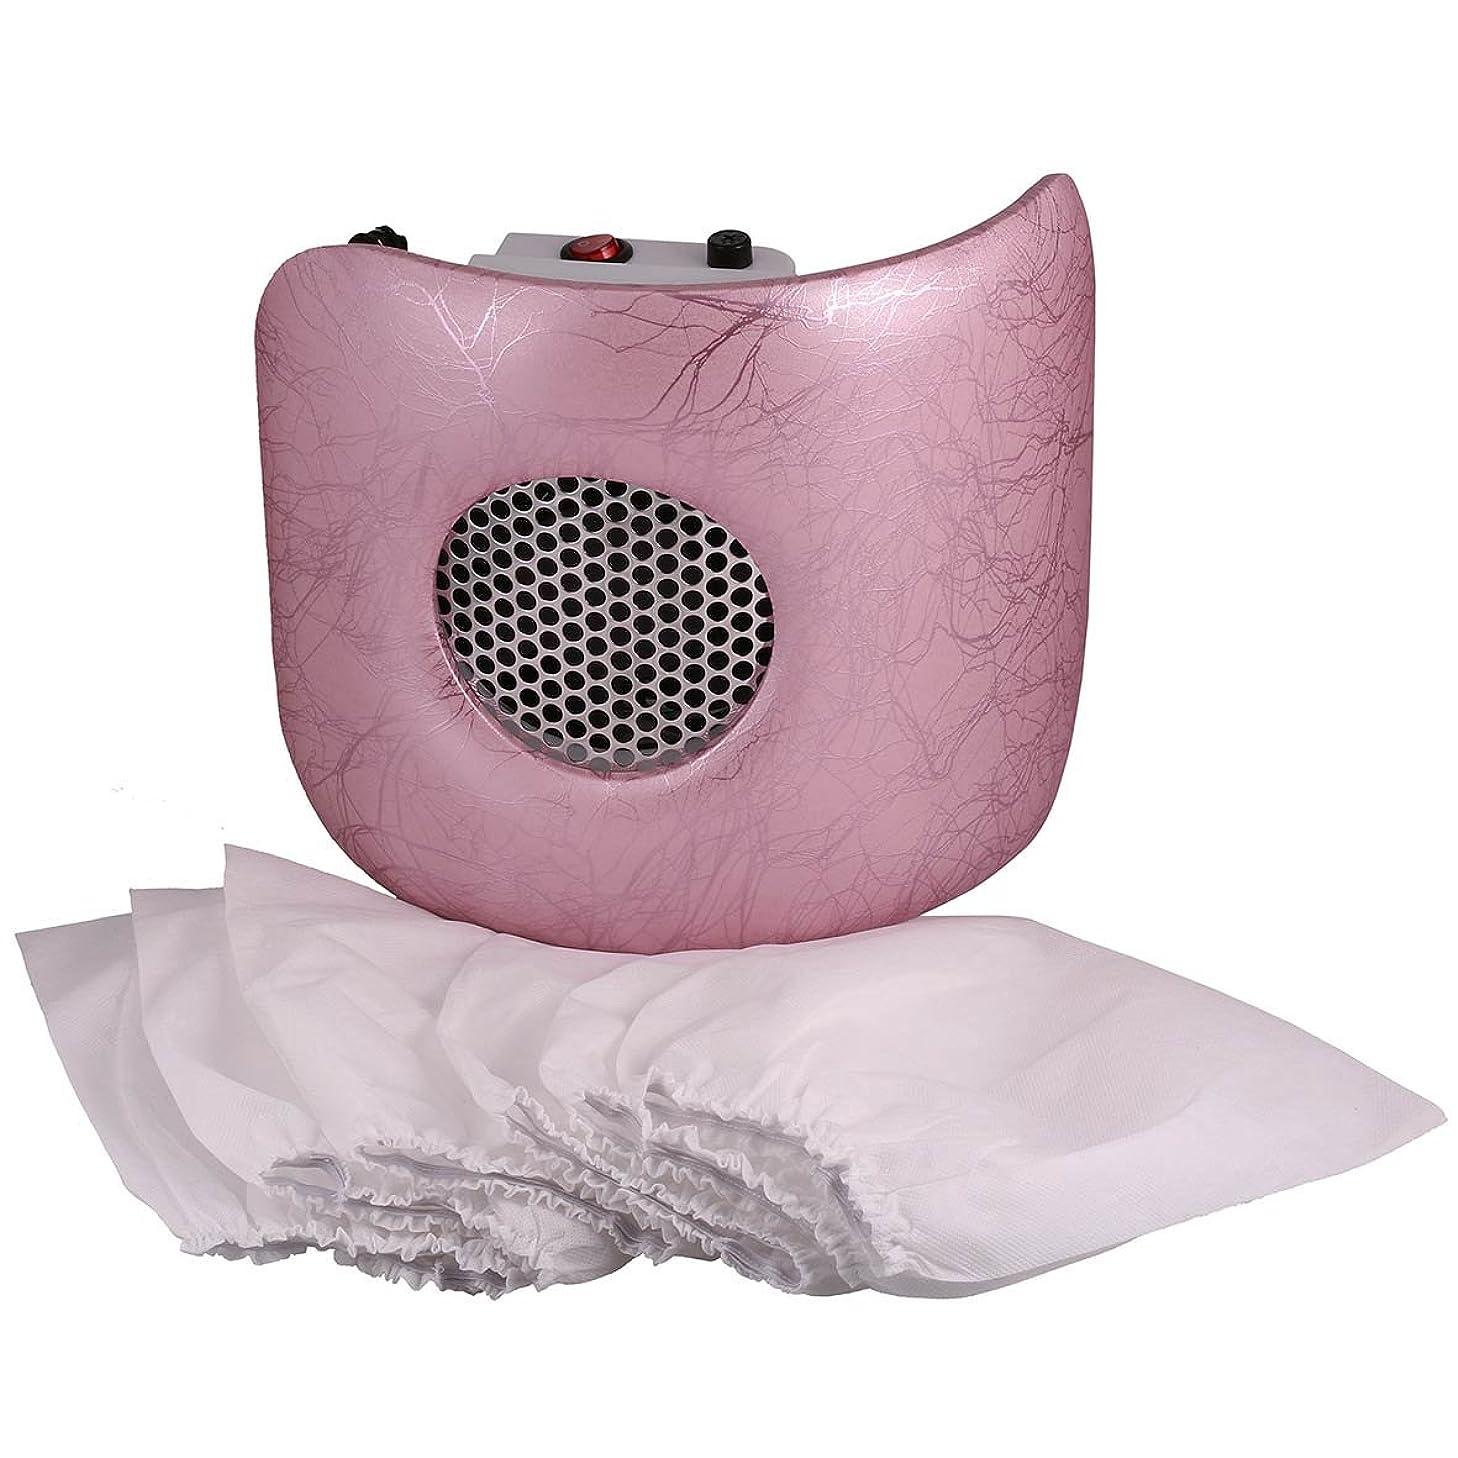 染料高尚なくさびMiss Sweet 電動ネイルダストコレクター ネイルダスト吸引 (Pink)